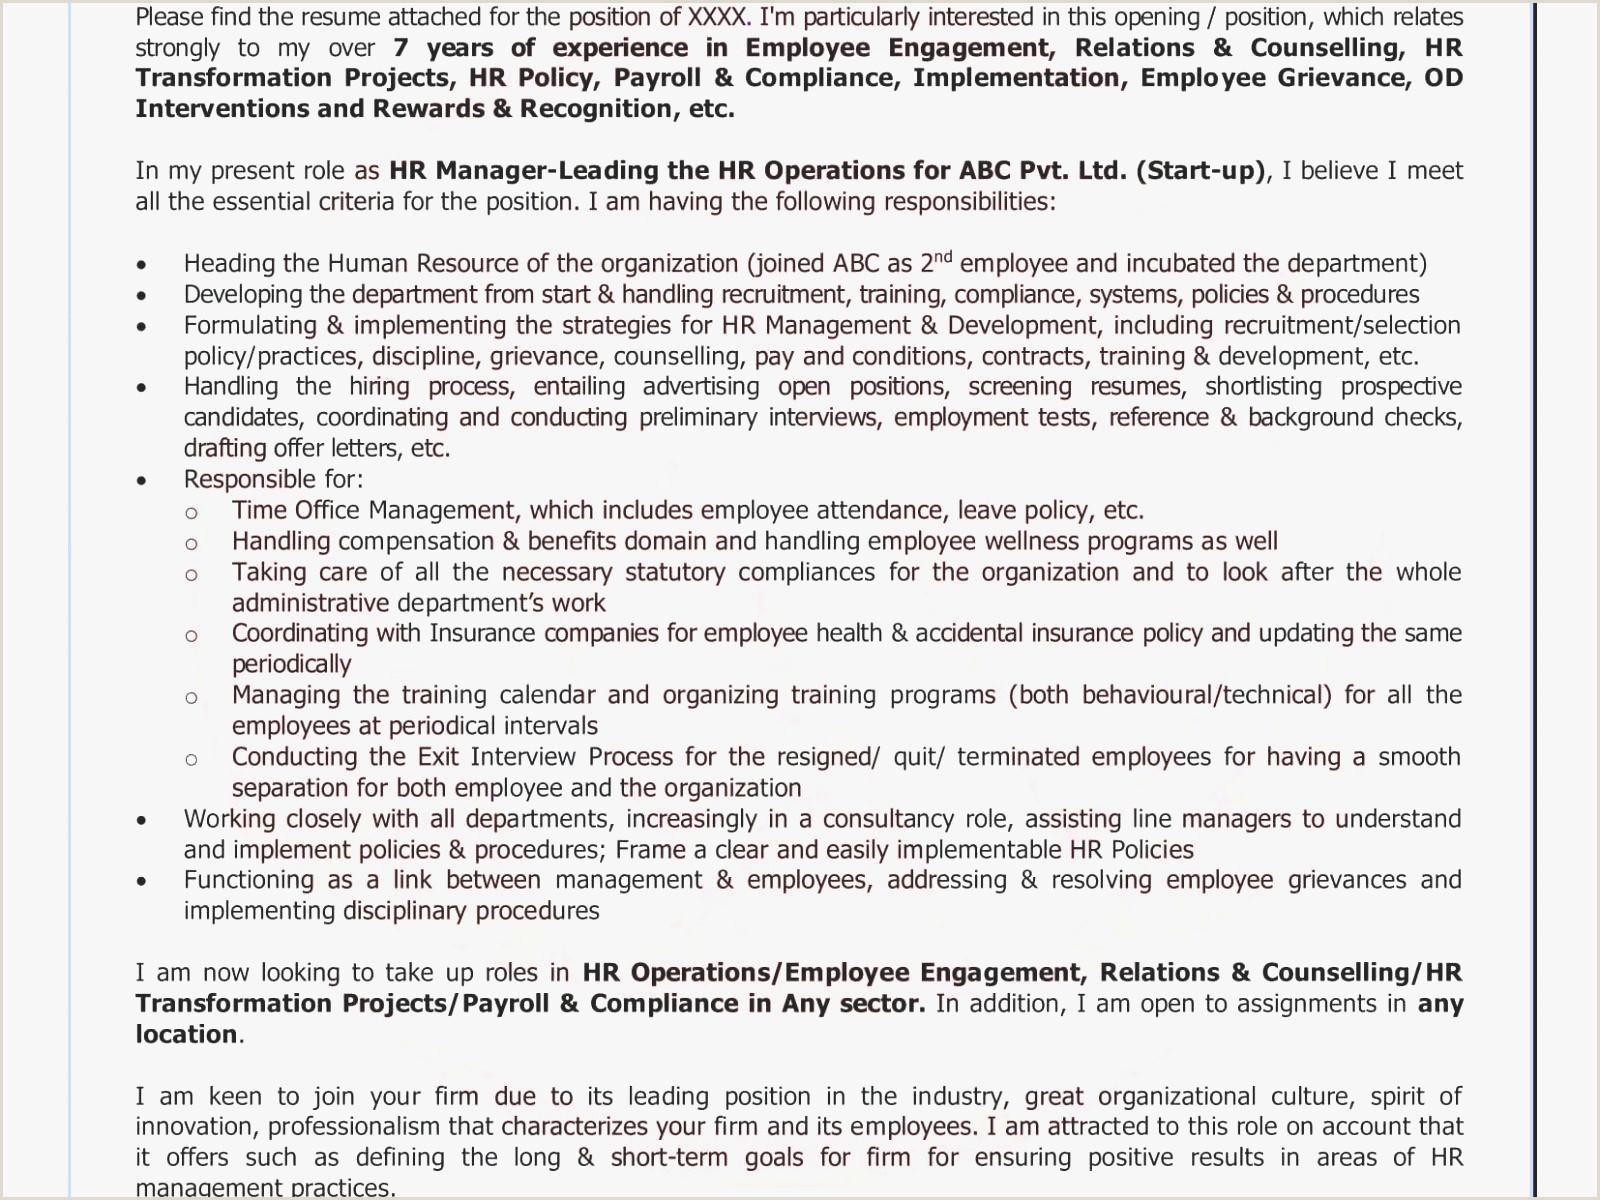 Cv format for Job Application for Freshers Cover Letter Sample for Resume How to Write V1ring